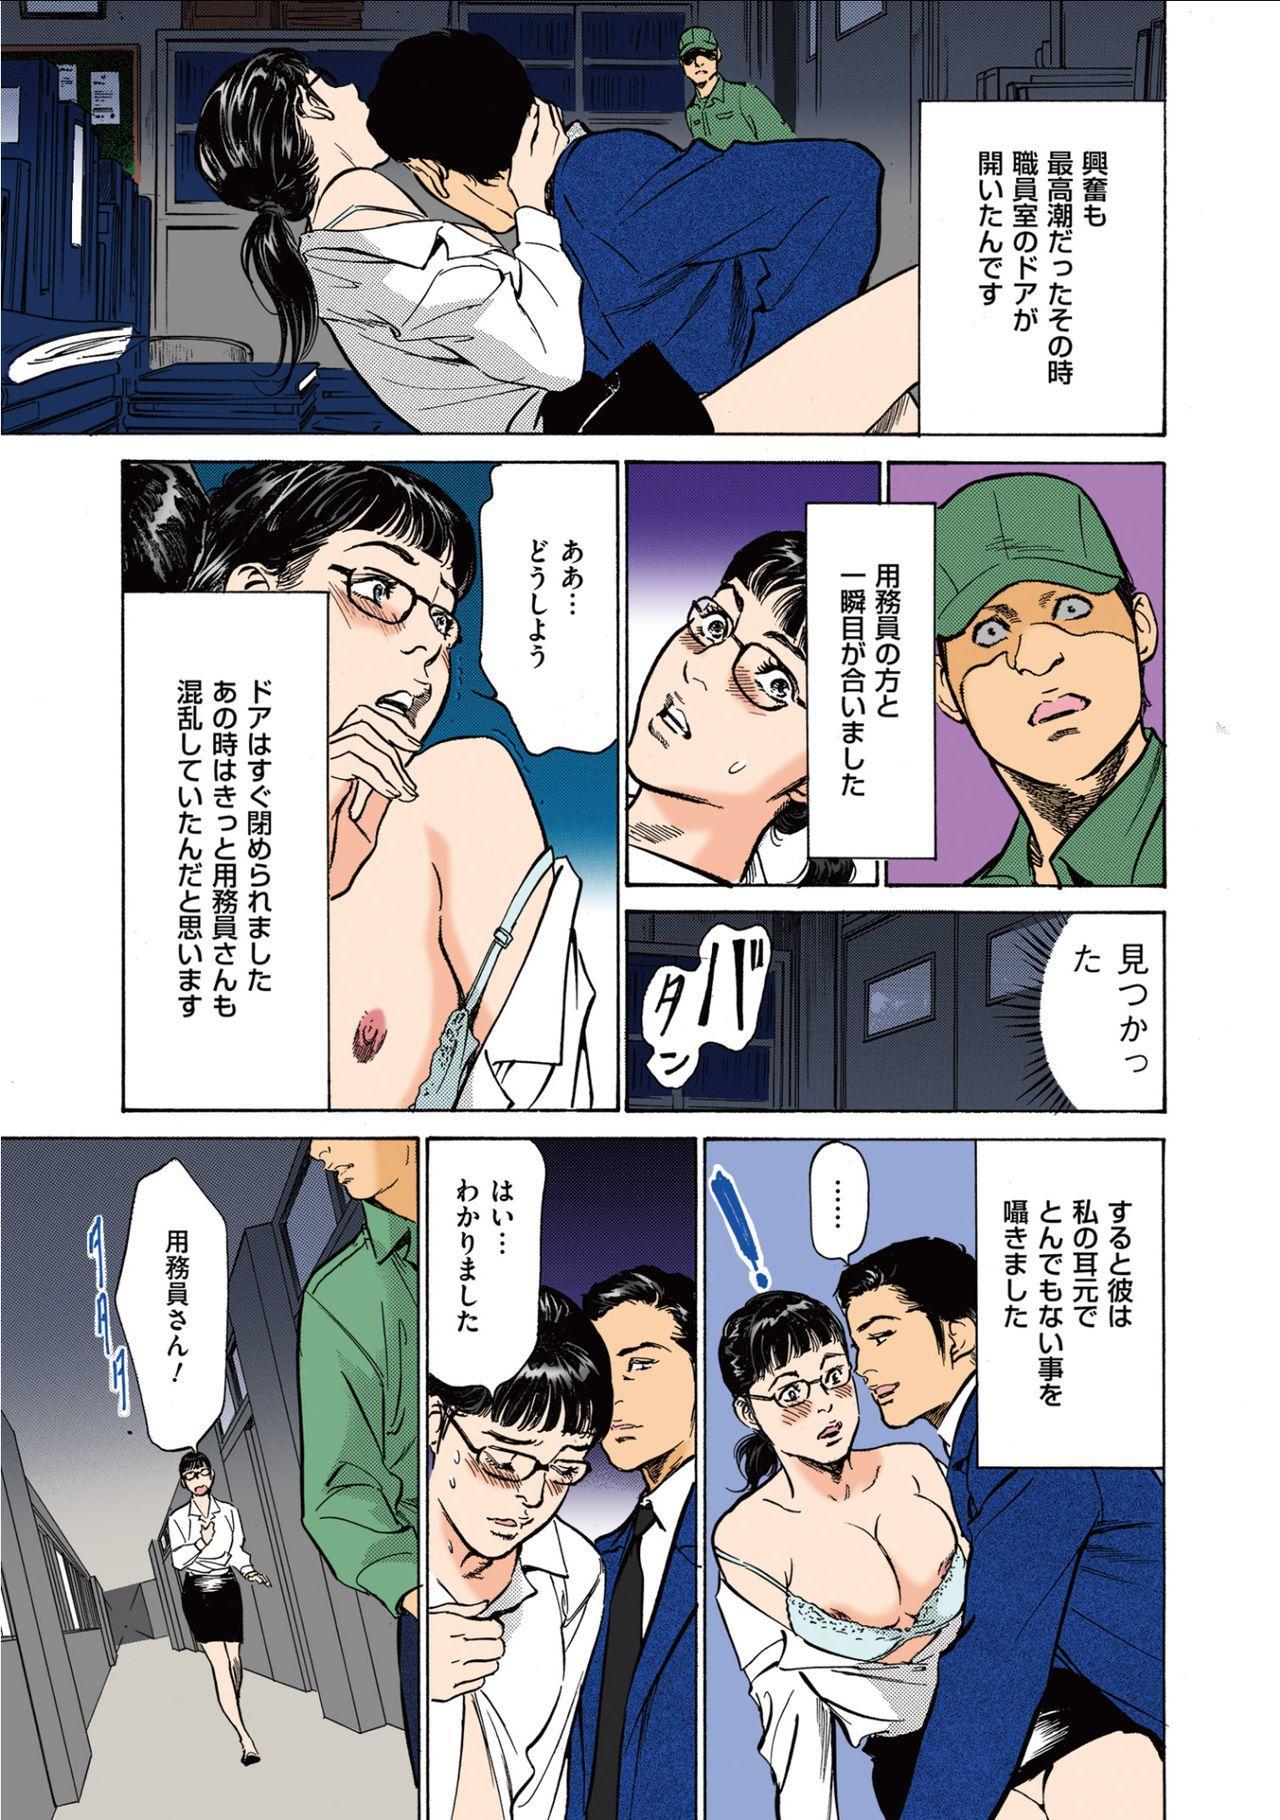 [Hazuki Kaoru] Hazuki Kaoru no Tamaranai Hanashi (Full Color Version) 1-2 44